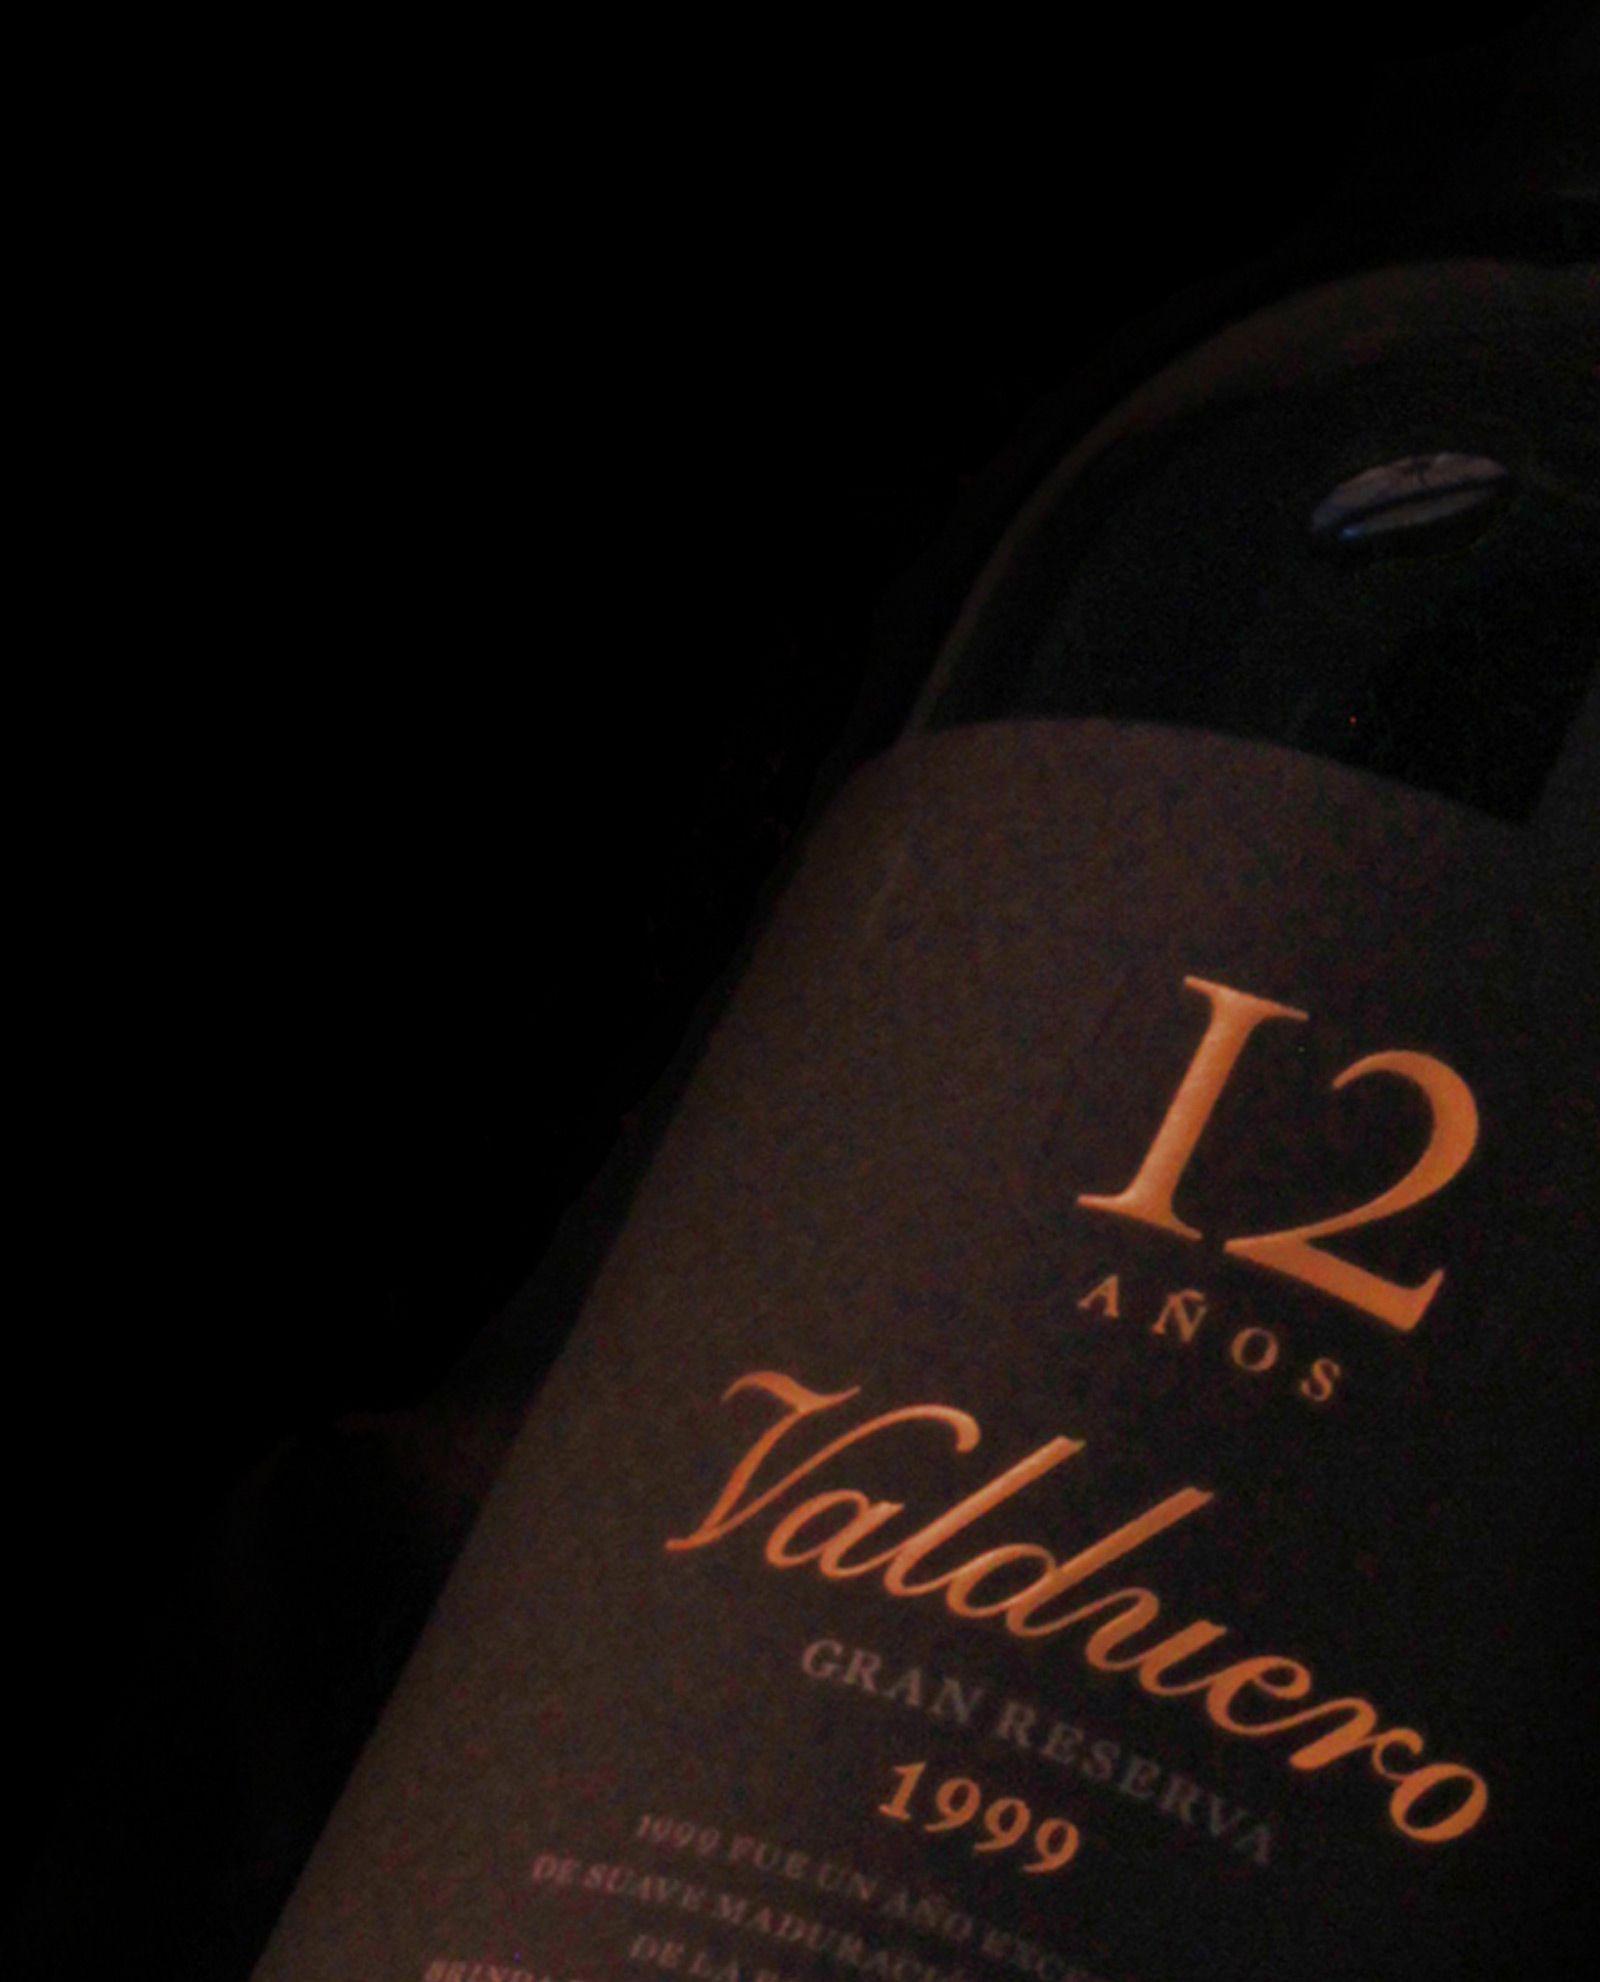 detalle de Valduero 12 años, vino lujo ribera del duero